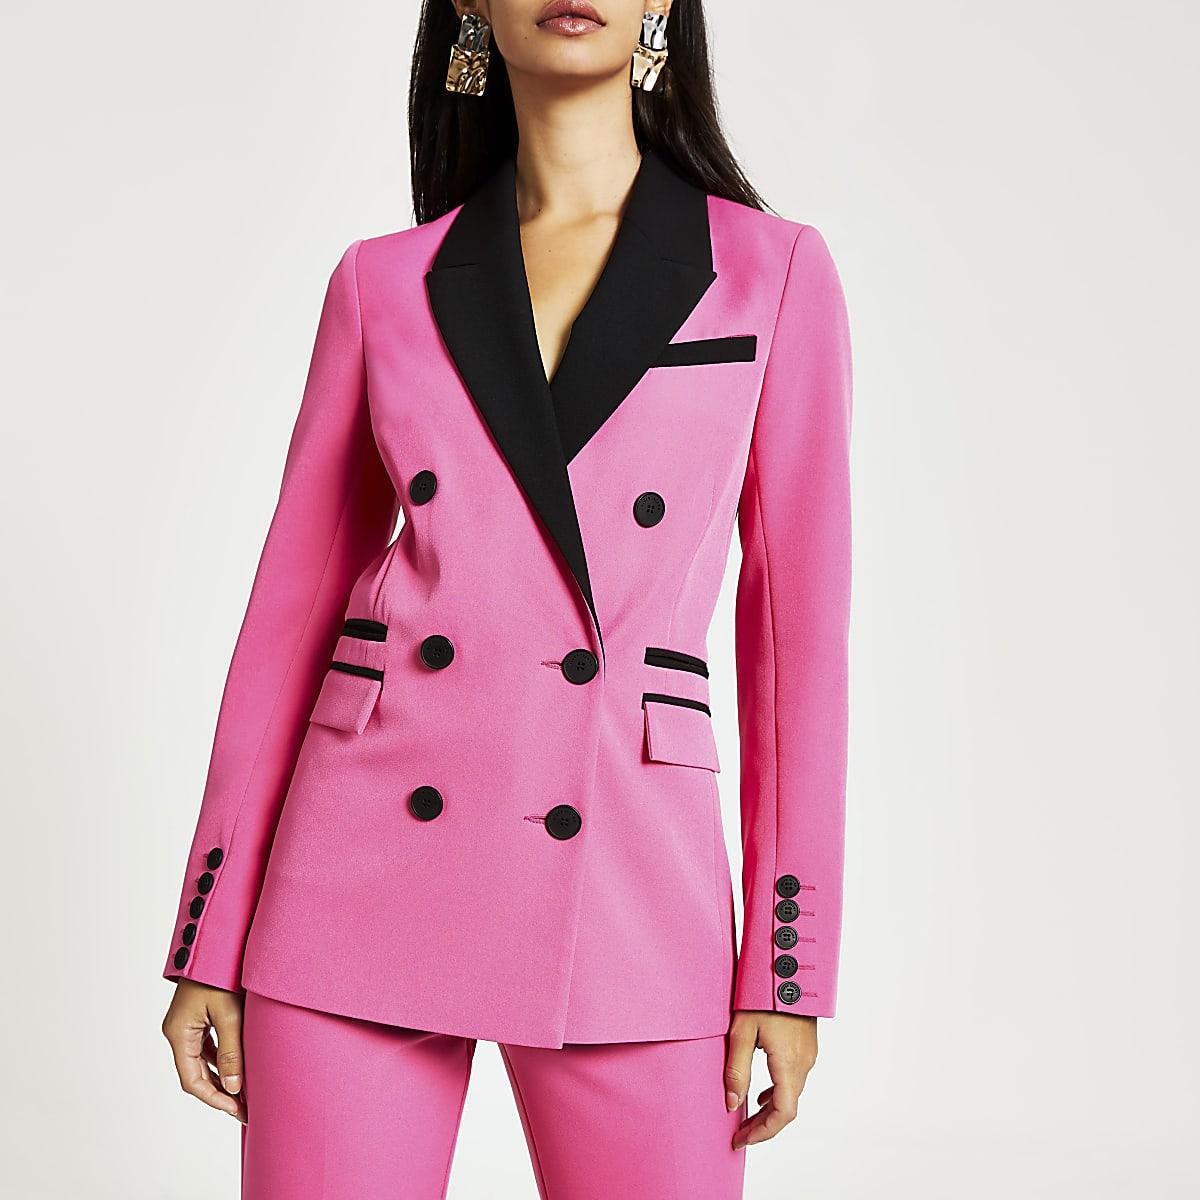 Roze blazer met dubbele knopenrij en vlakken